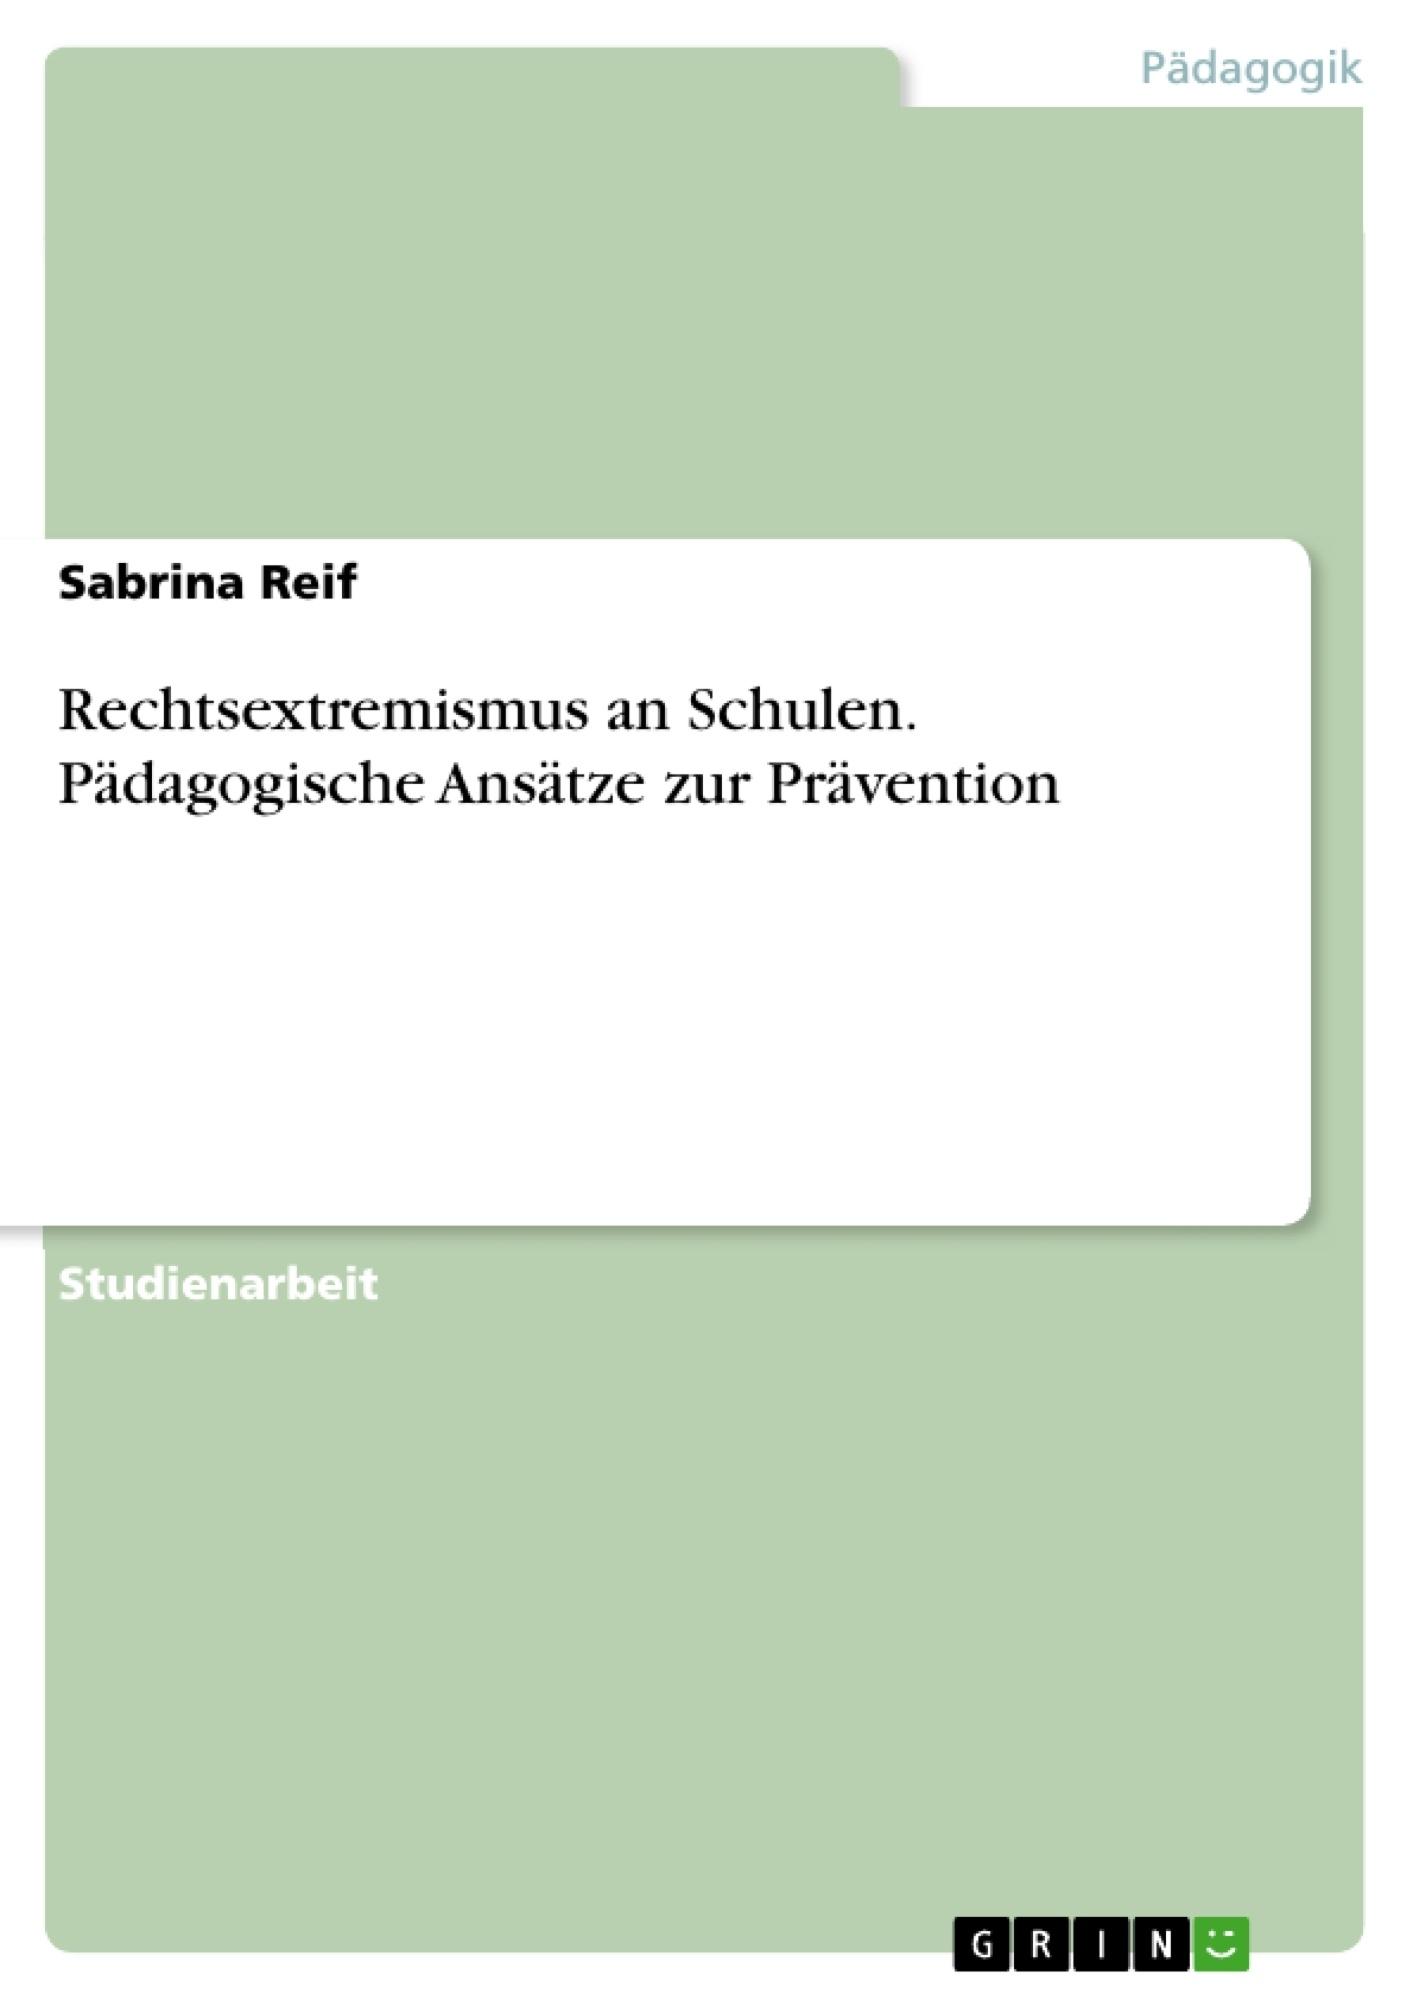 Titel: Rechtsextremismus an Schulen. Pädagogische Ansätze zur Prävention